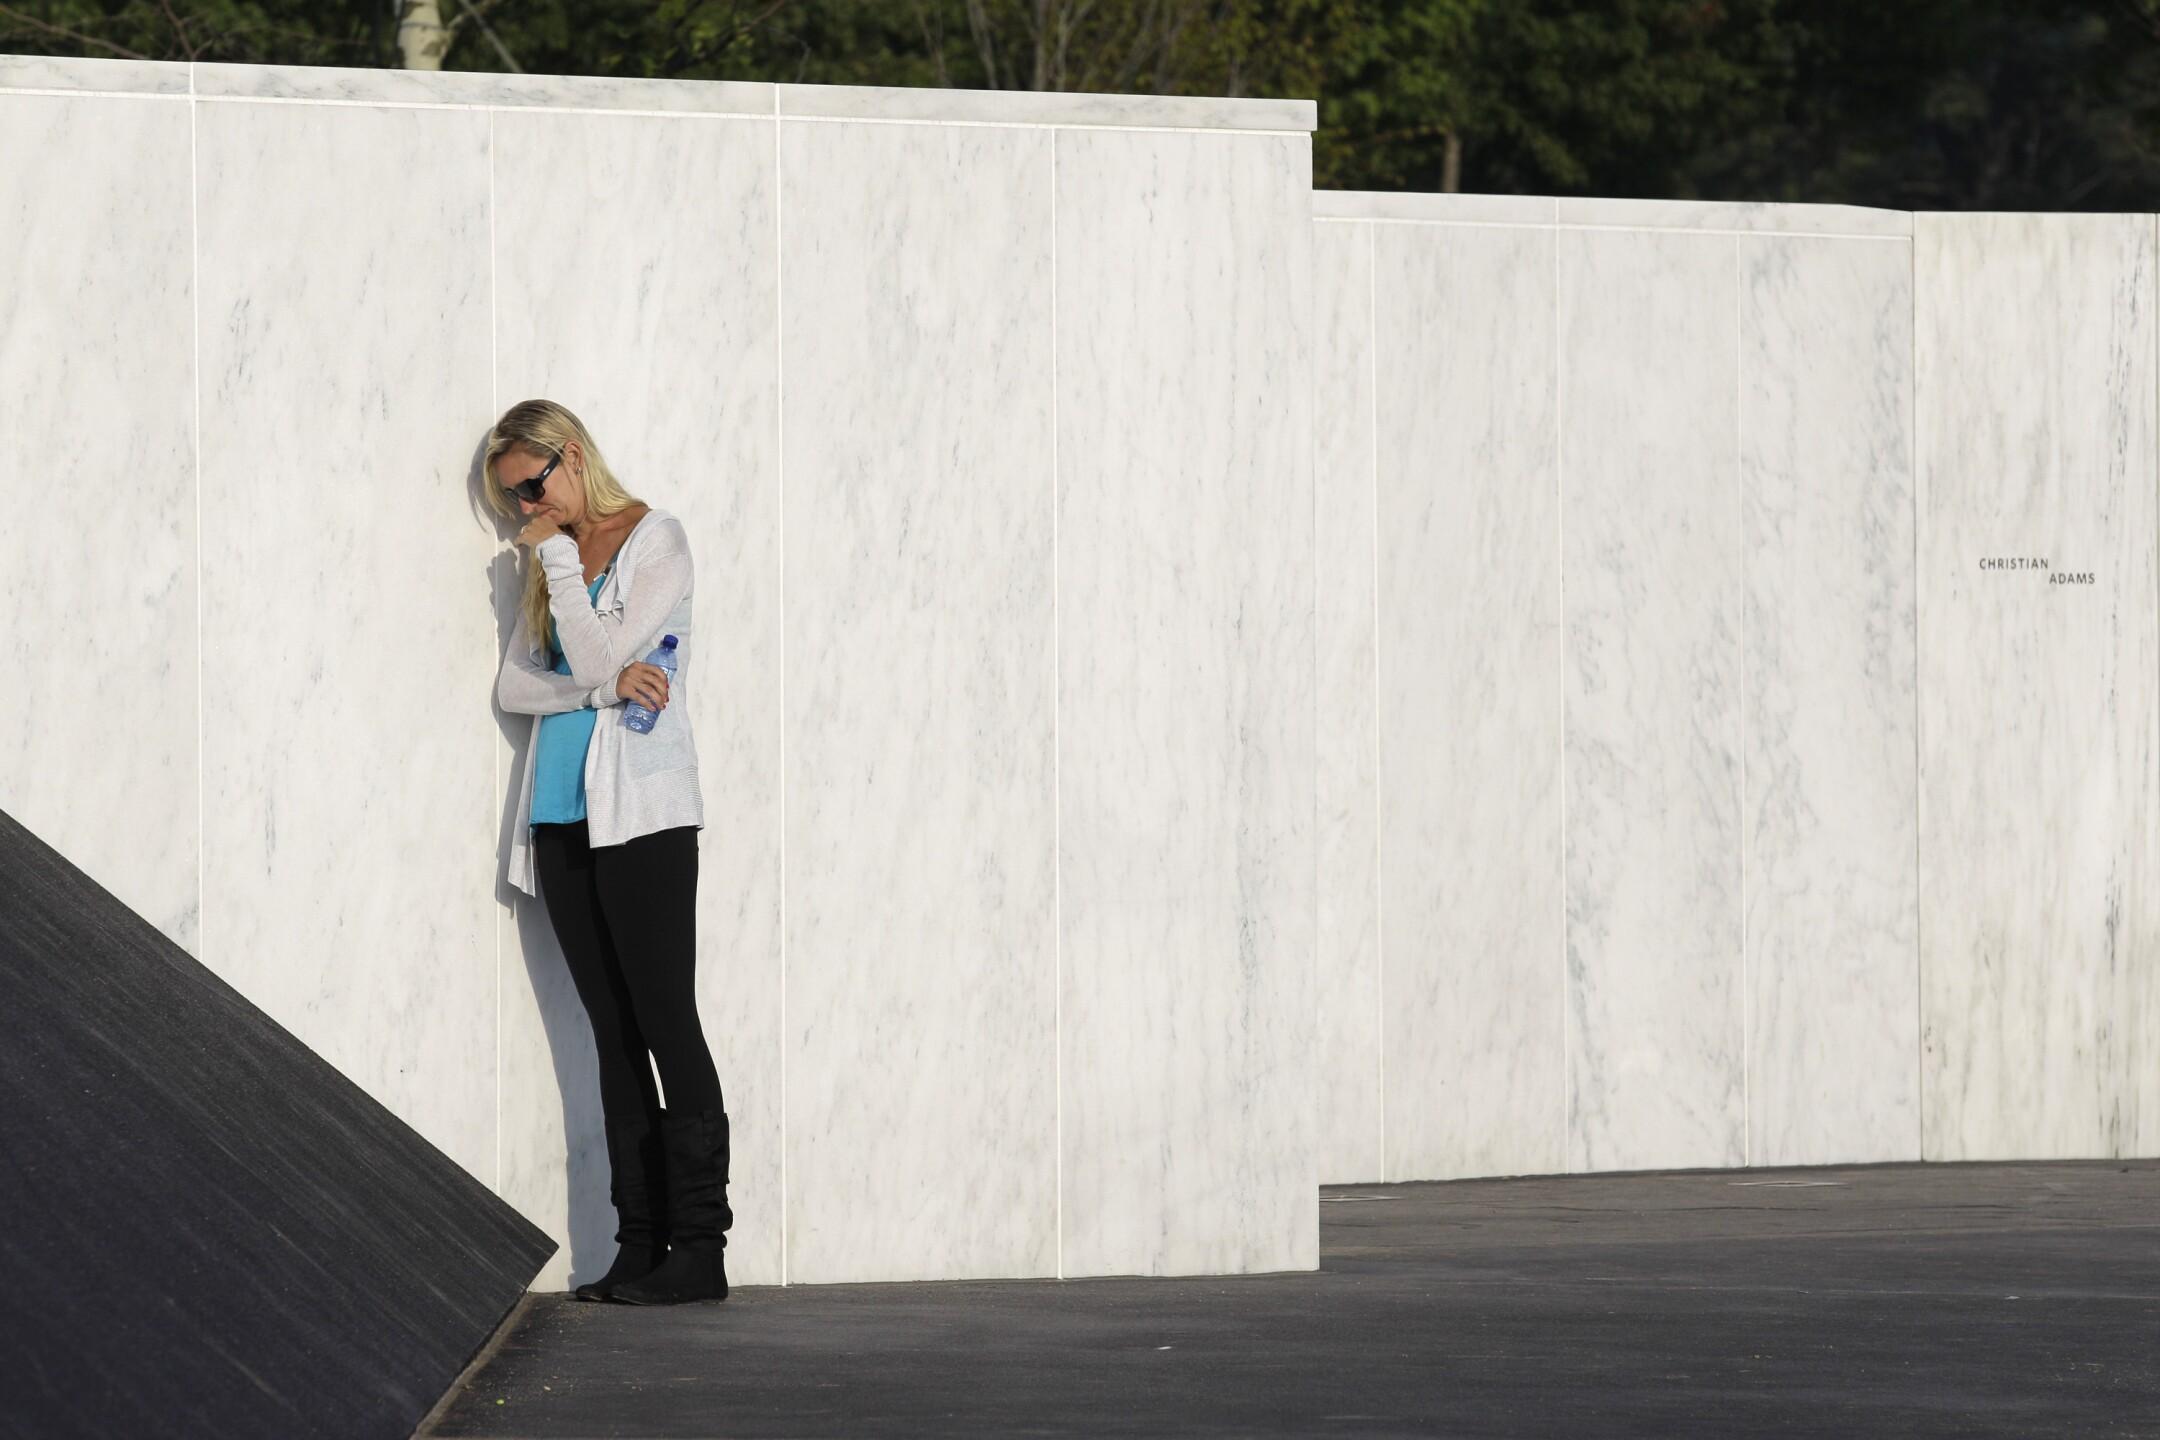 Sept 11 Flight 93